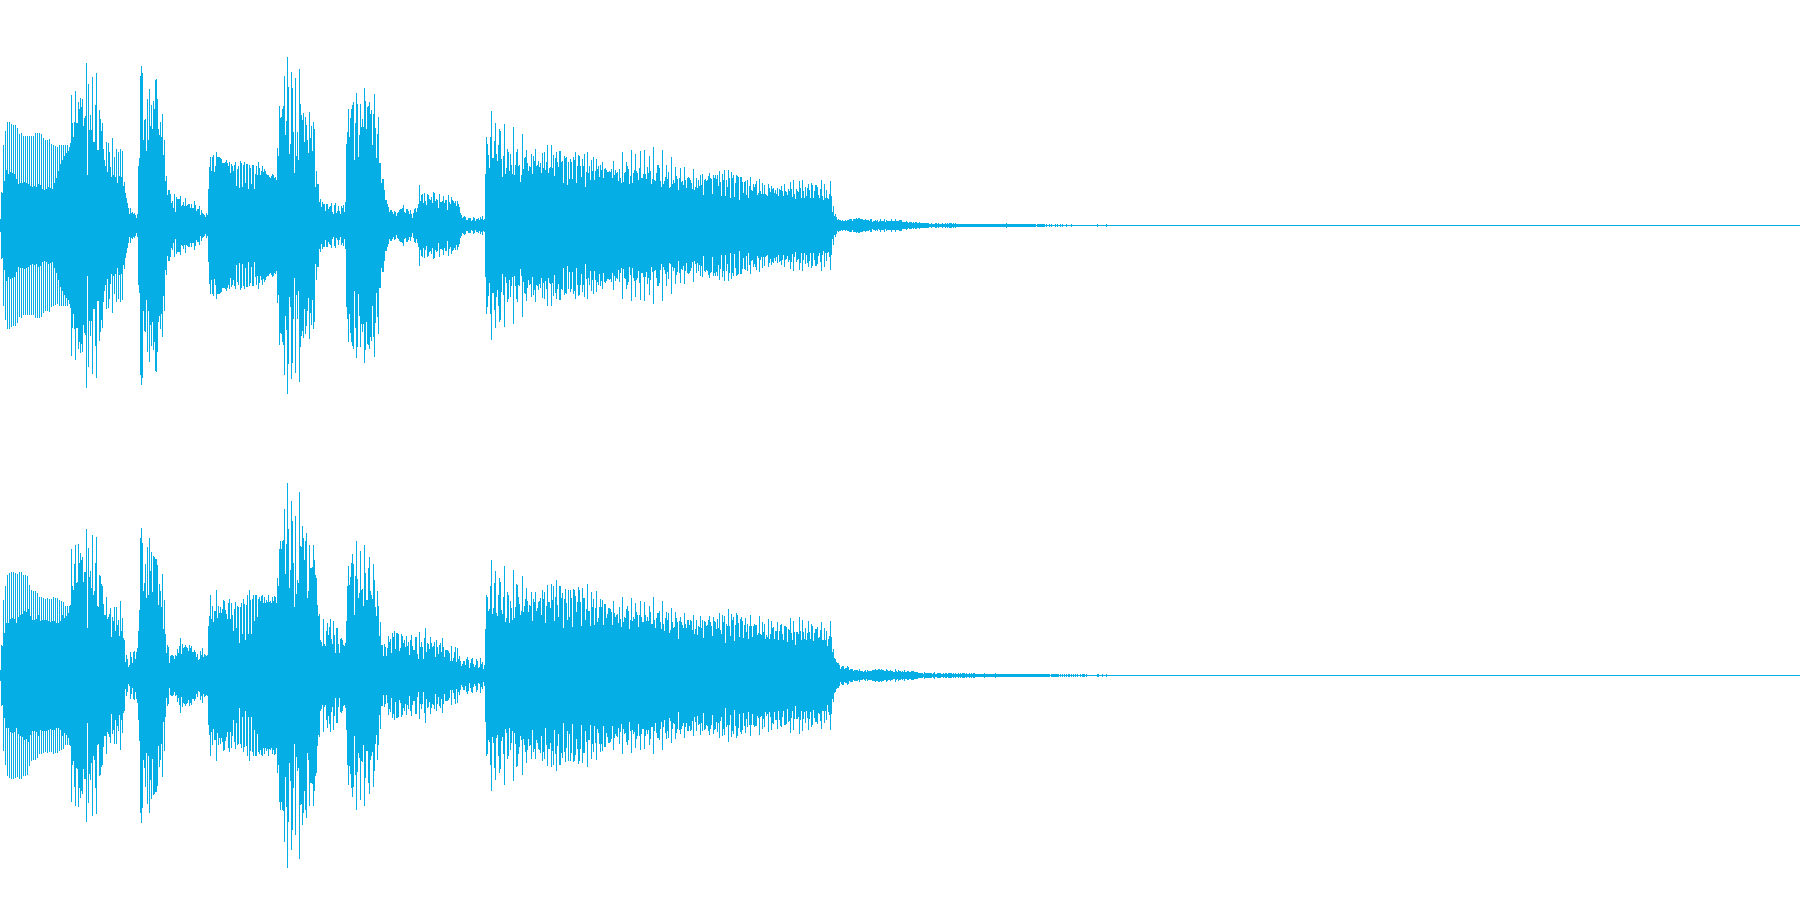 おしゃれなコードの短いジングルの再生済みの波形